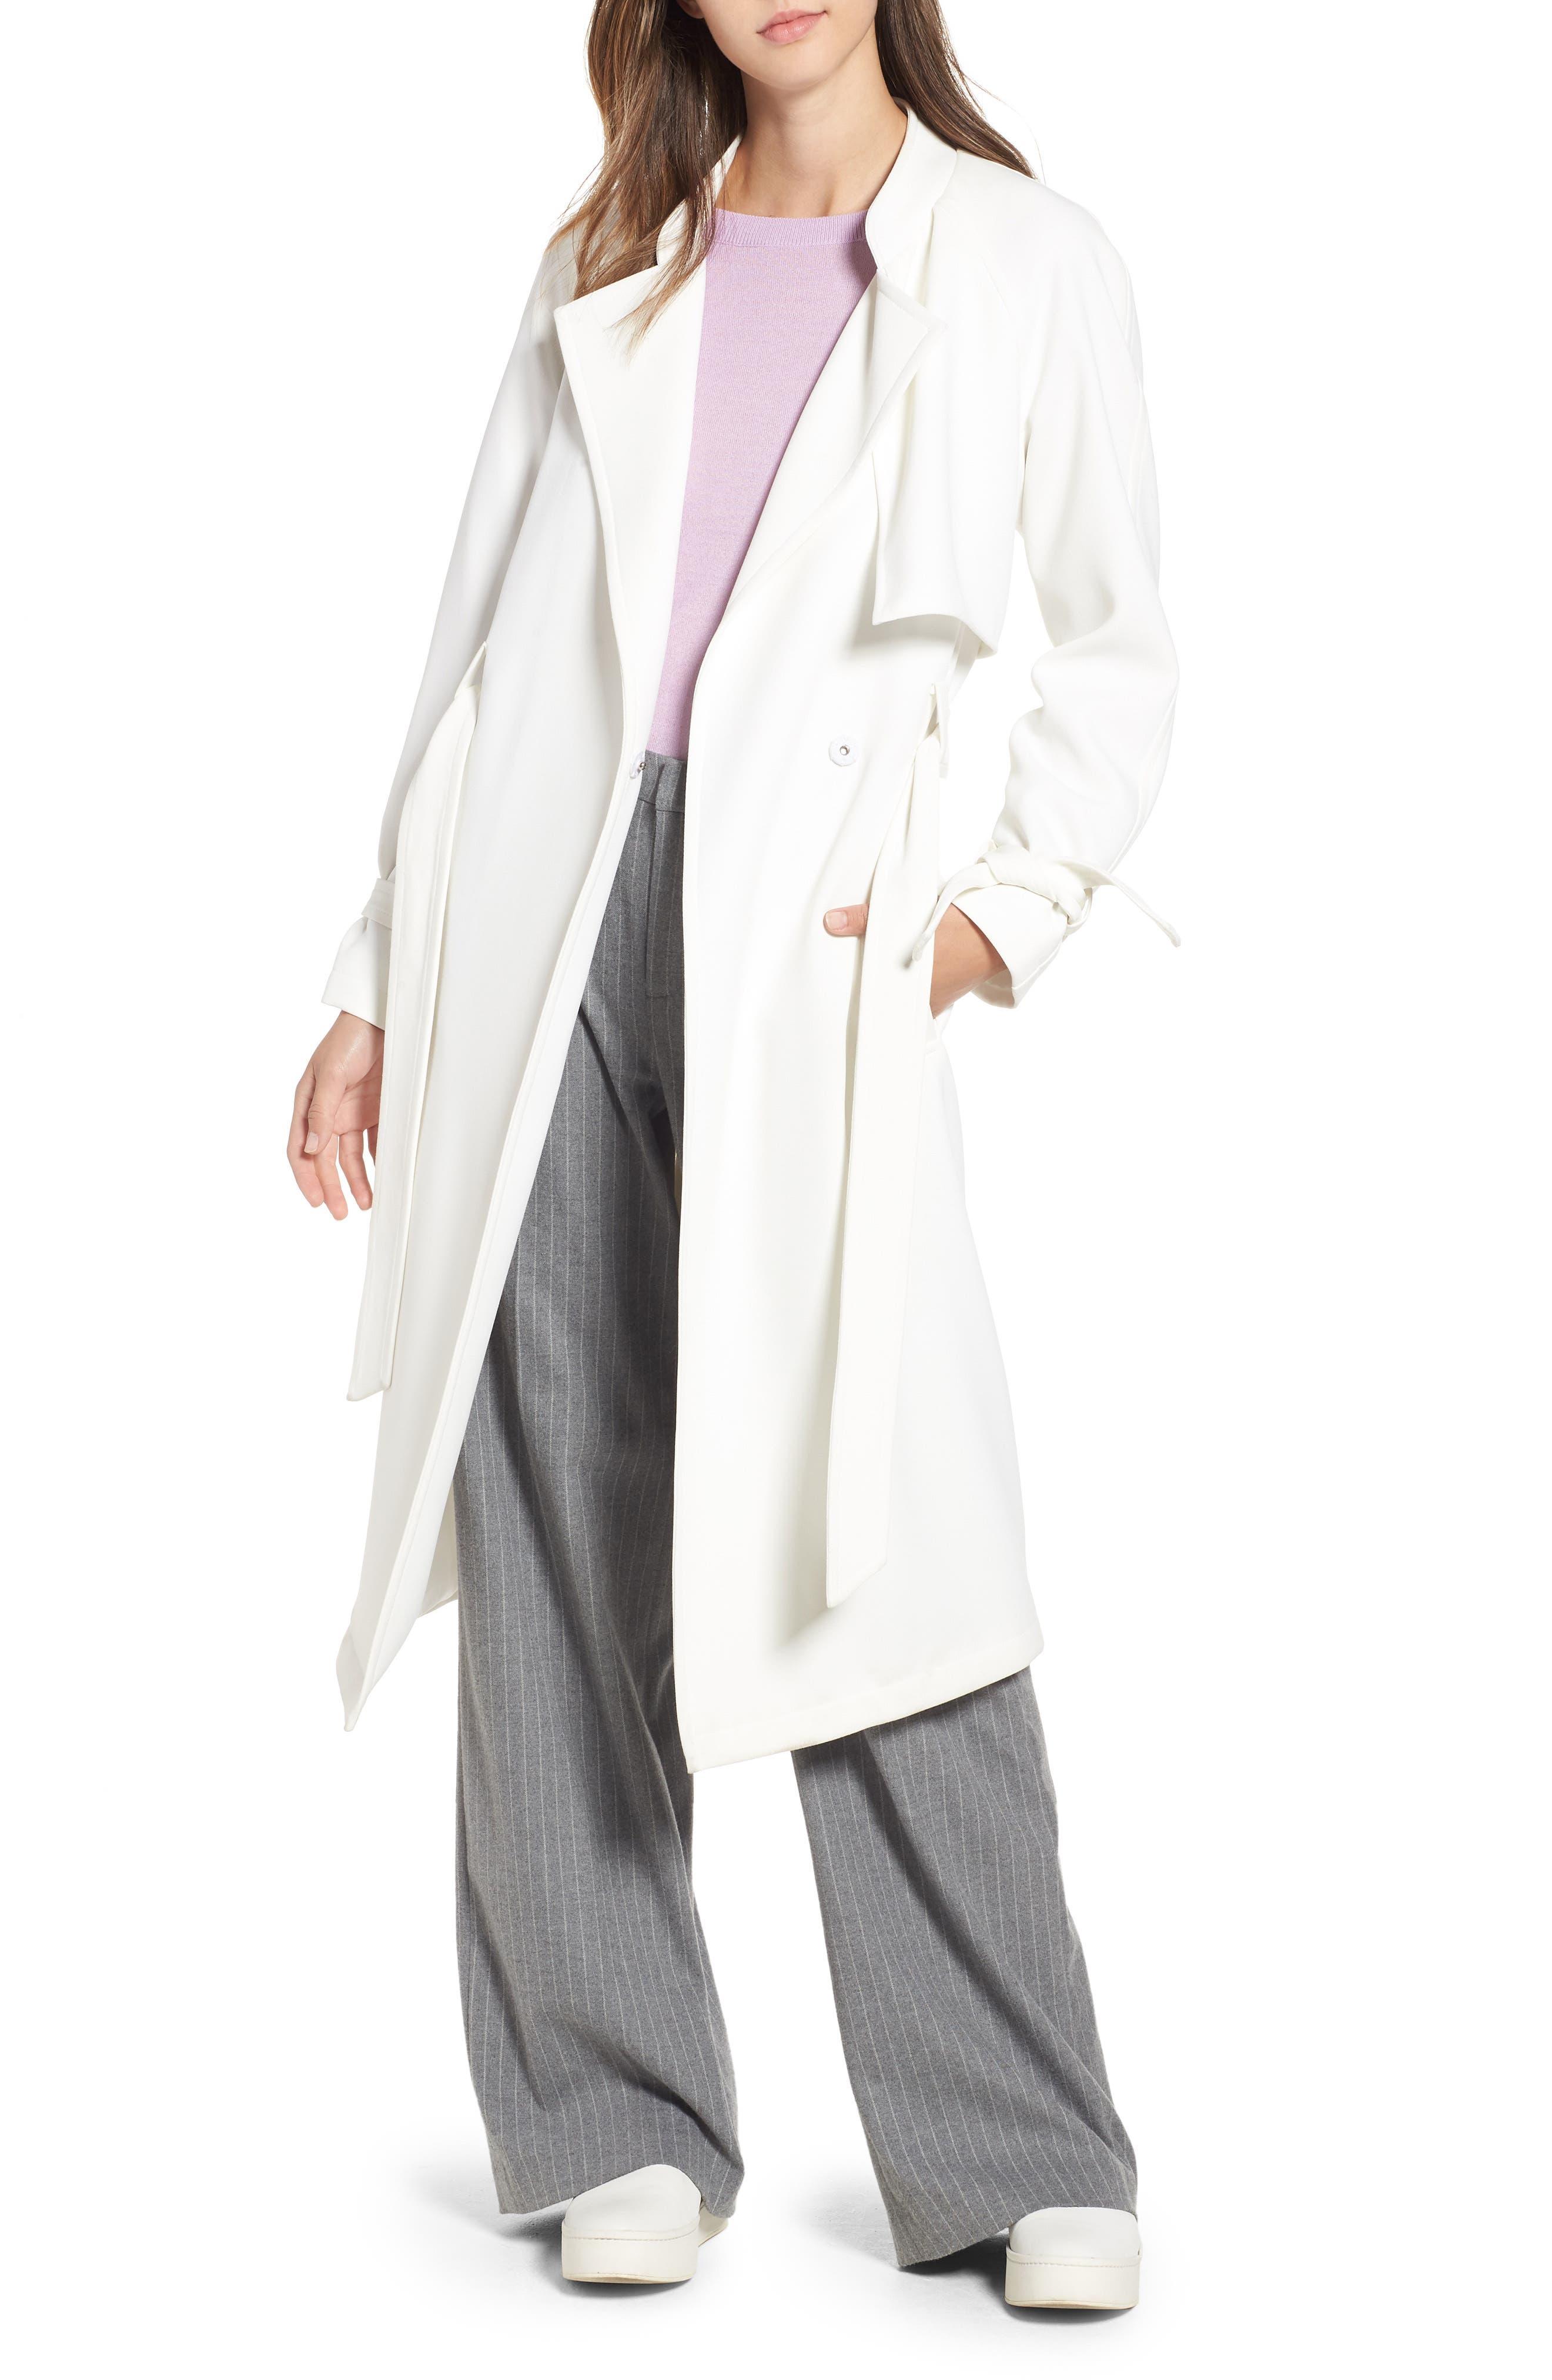 RACHEL RACHEL ROY Luxe Crepe Trench Coat, Main, color, WHITE